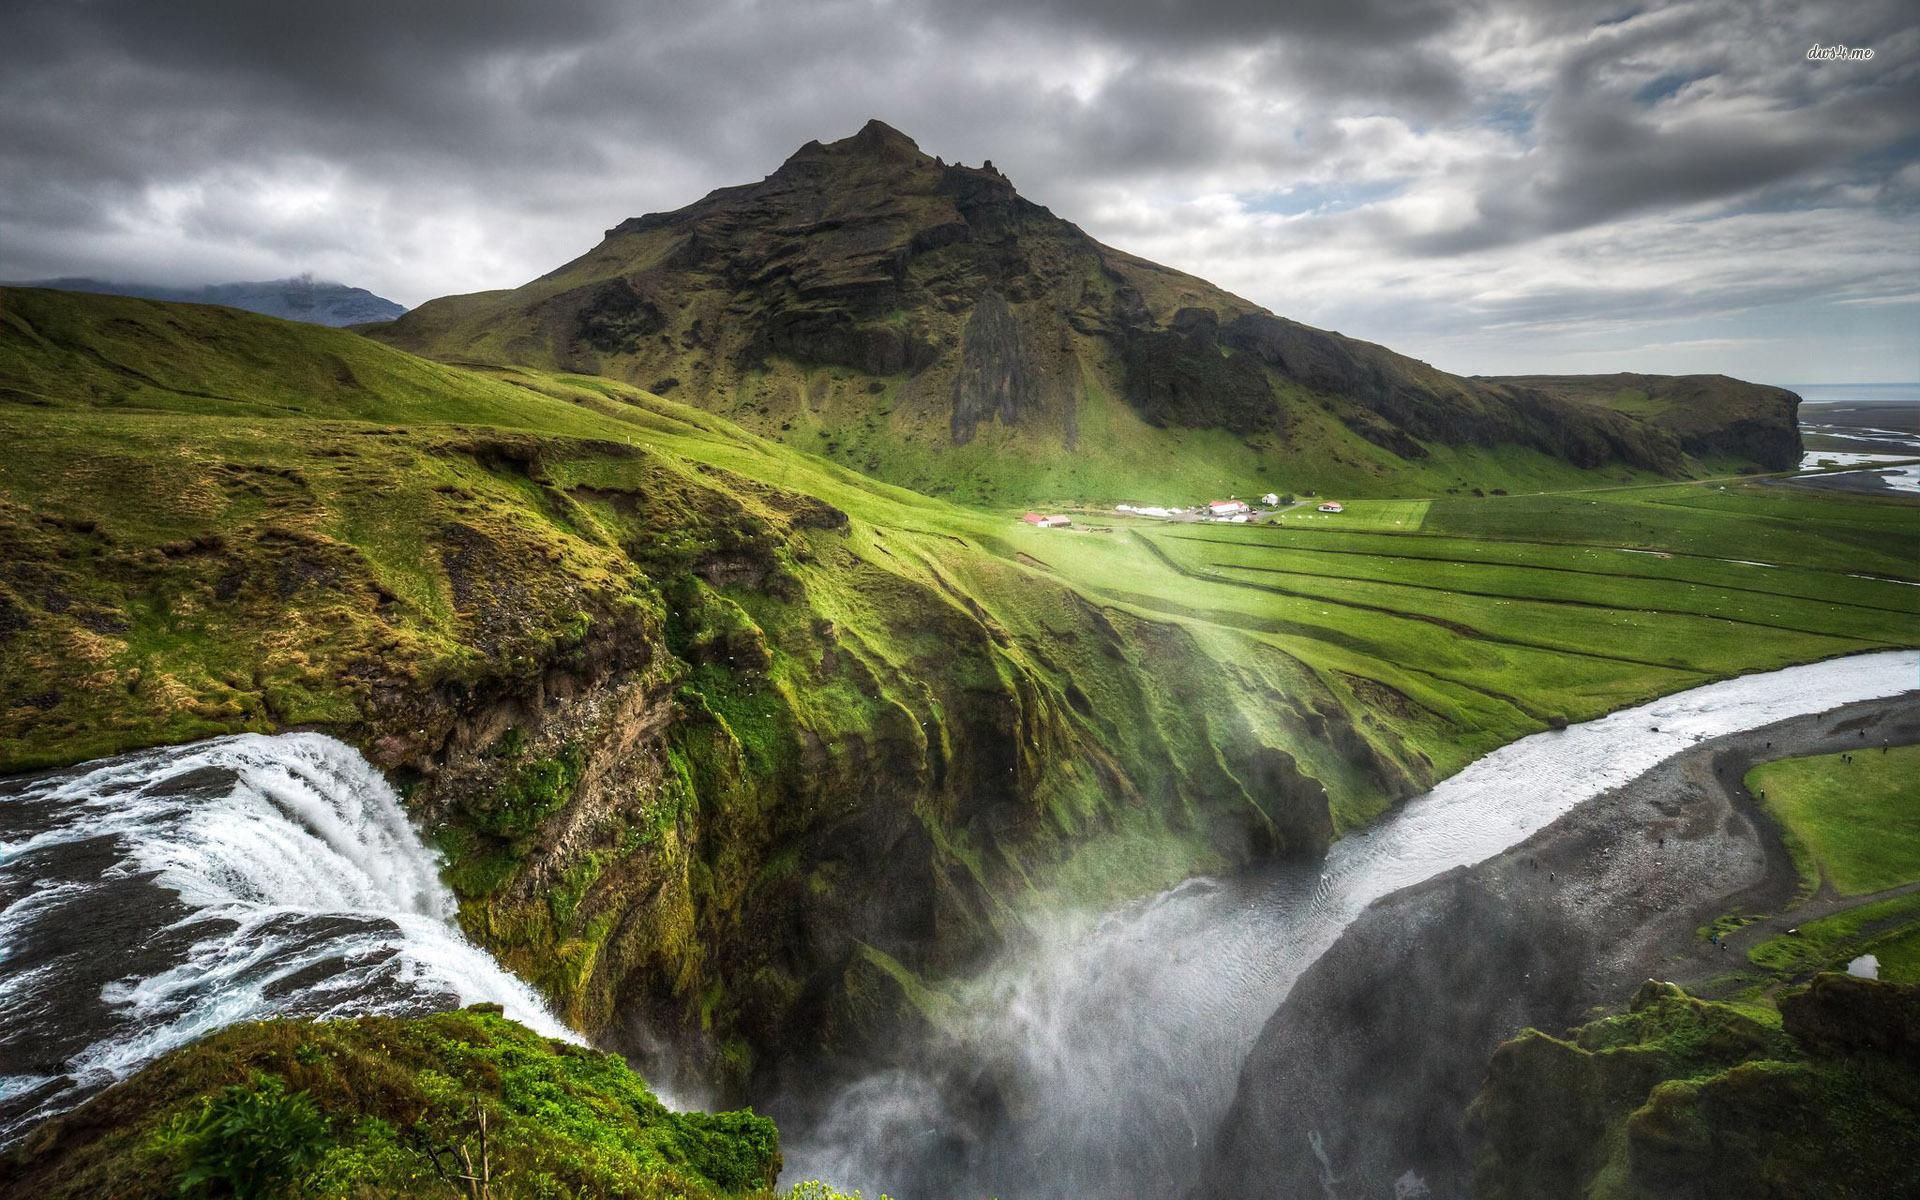 Skogafoss waterfall Iceland wallpaper 1920x1200 1920x1200